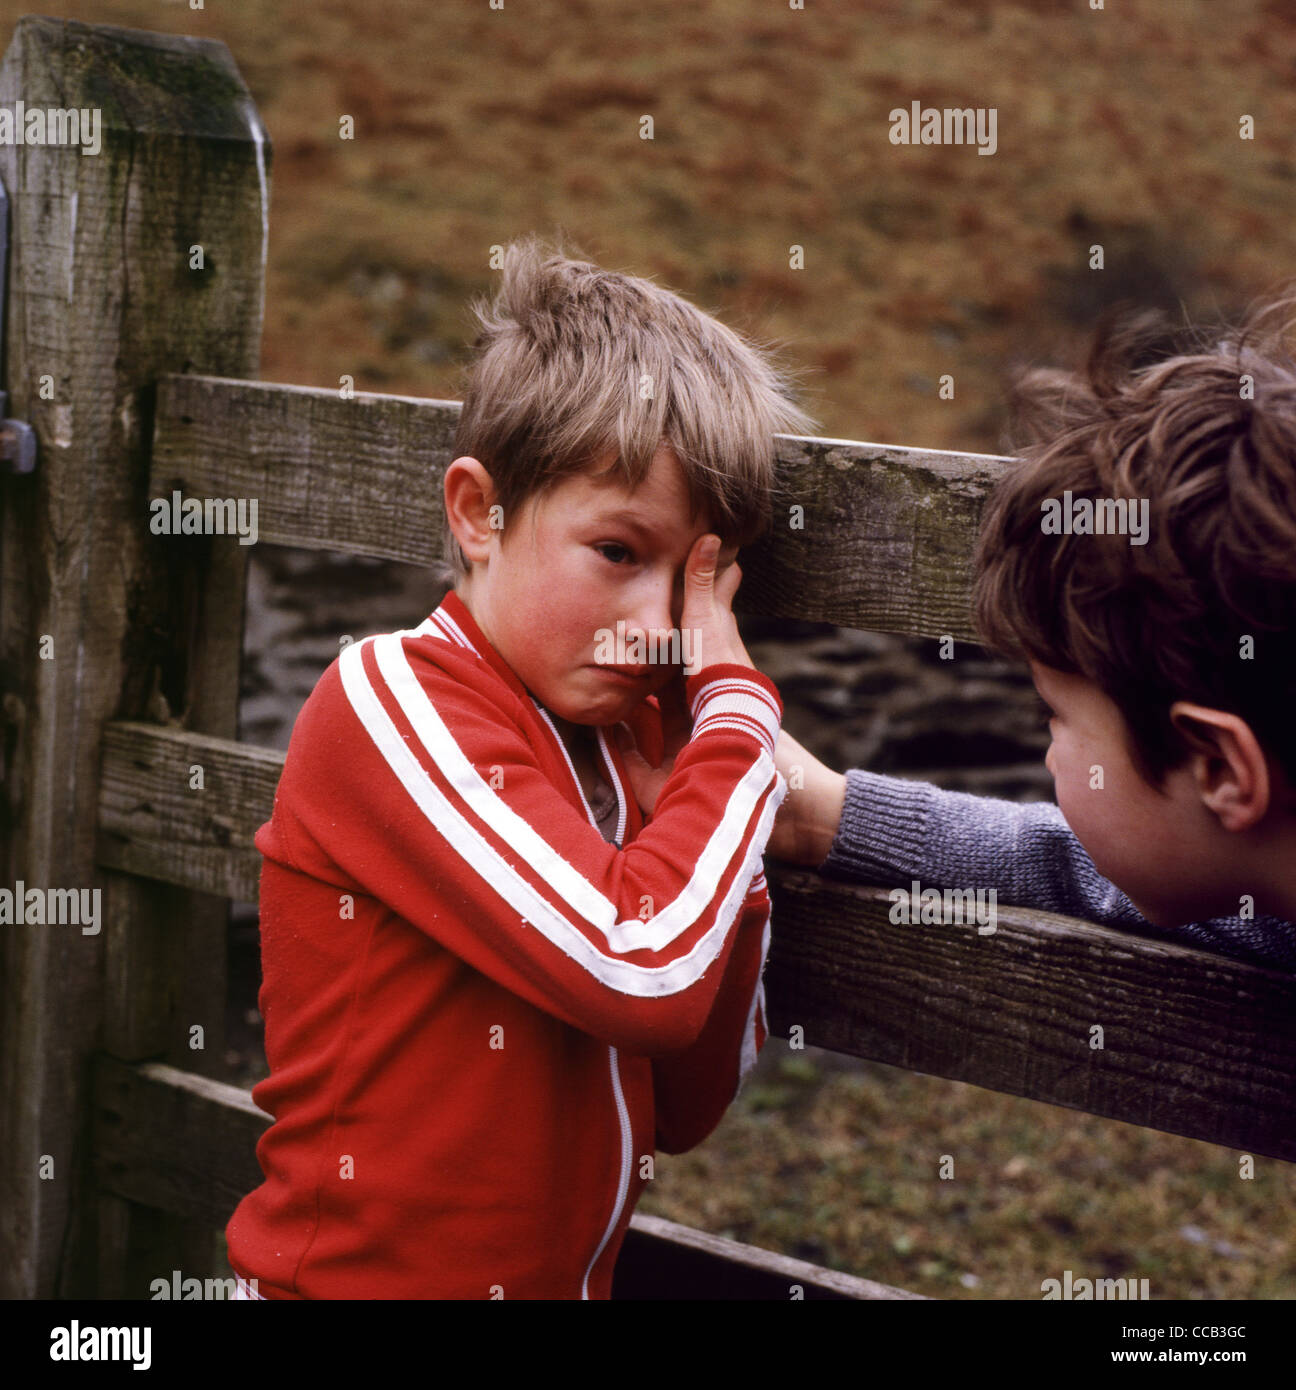 Garçon de l'école en larmes étant fait preuve de compassion et d'empathie et réconfortés Photo Stock